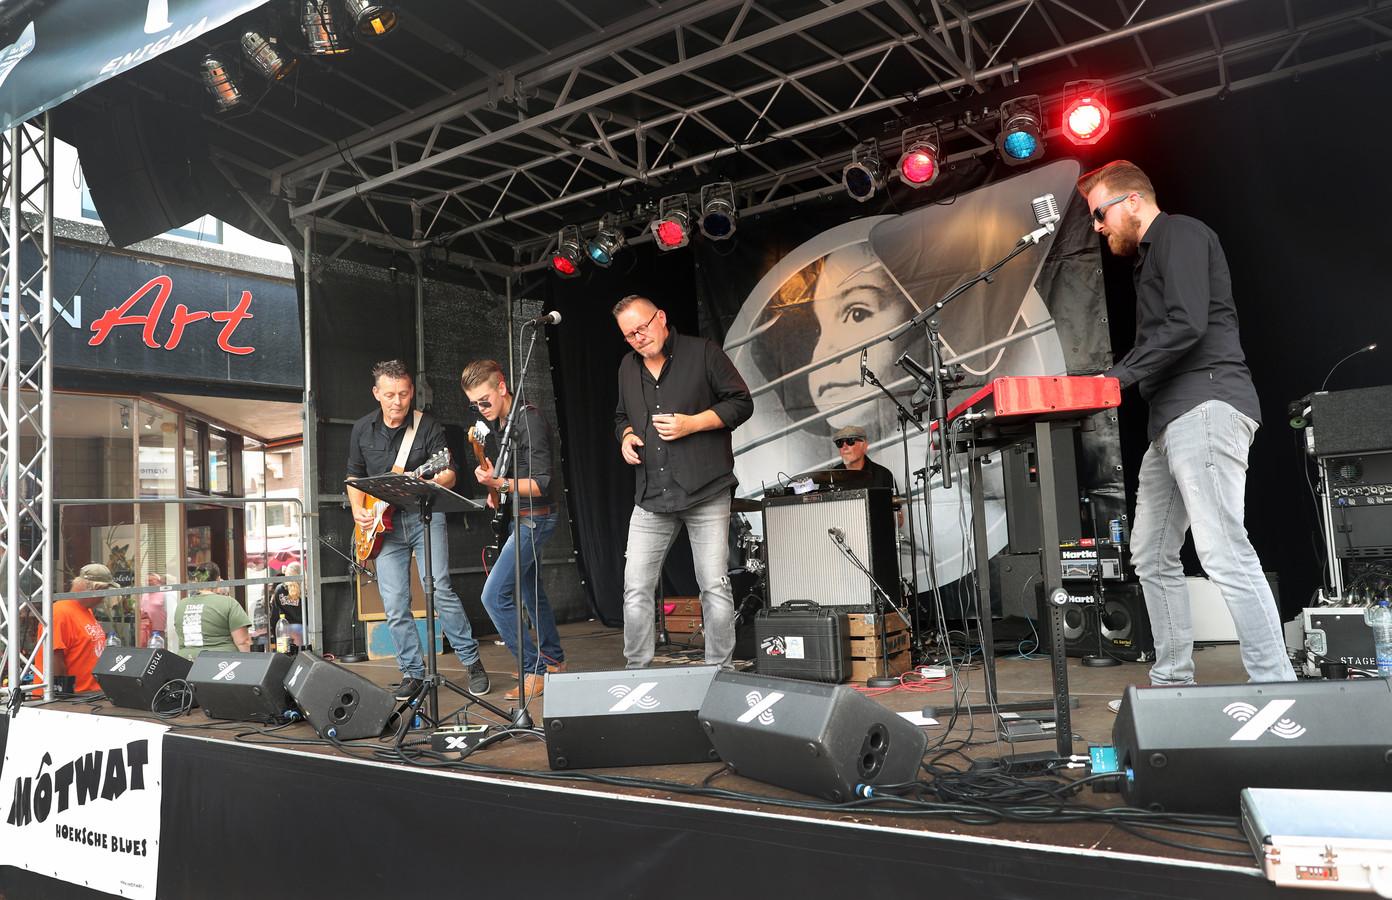 MôtWat,keert terug op het podium in Gorinchem